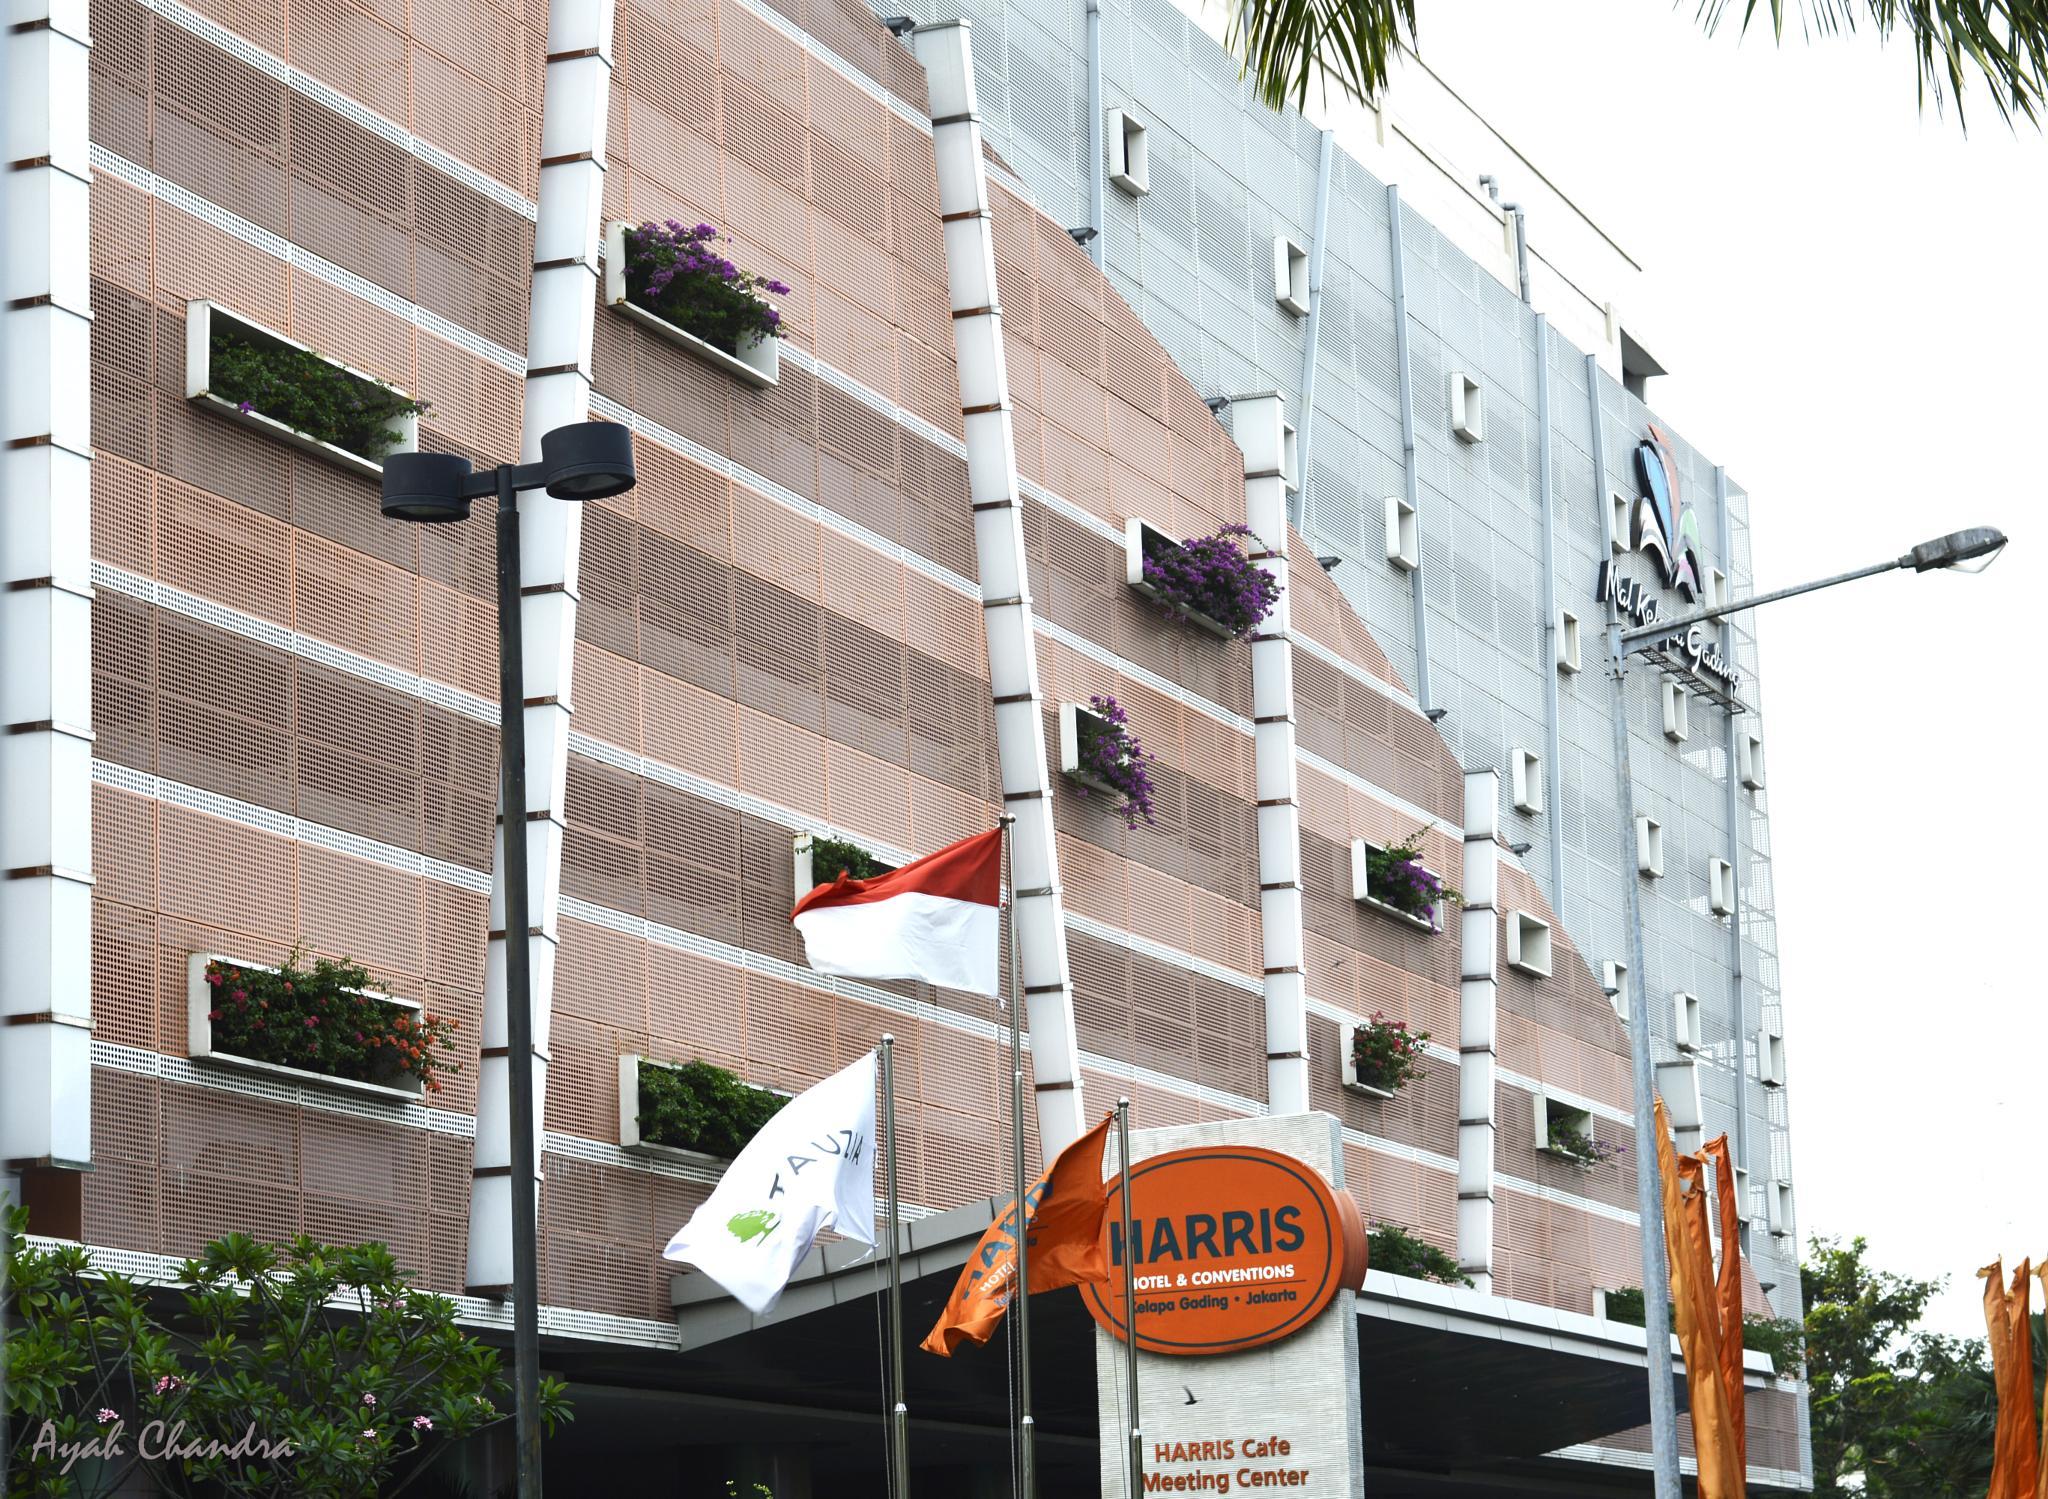 hotel by Chandra (ayah chandra)